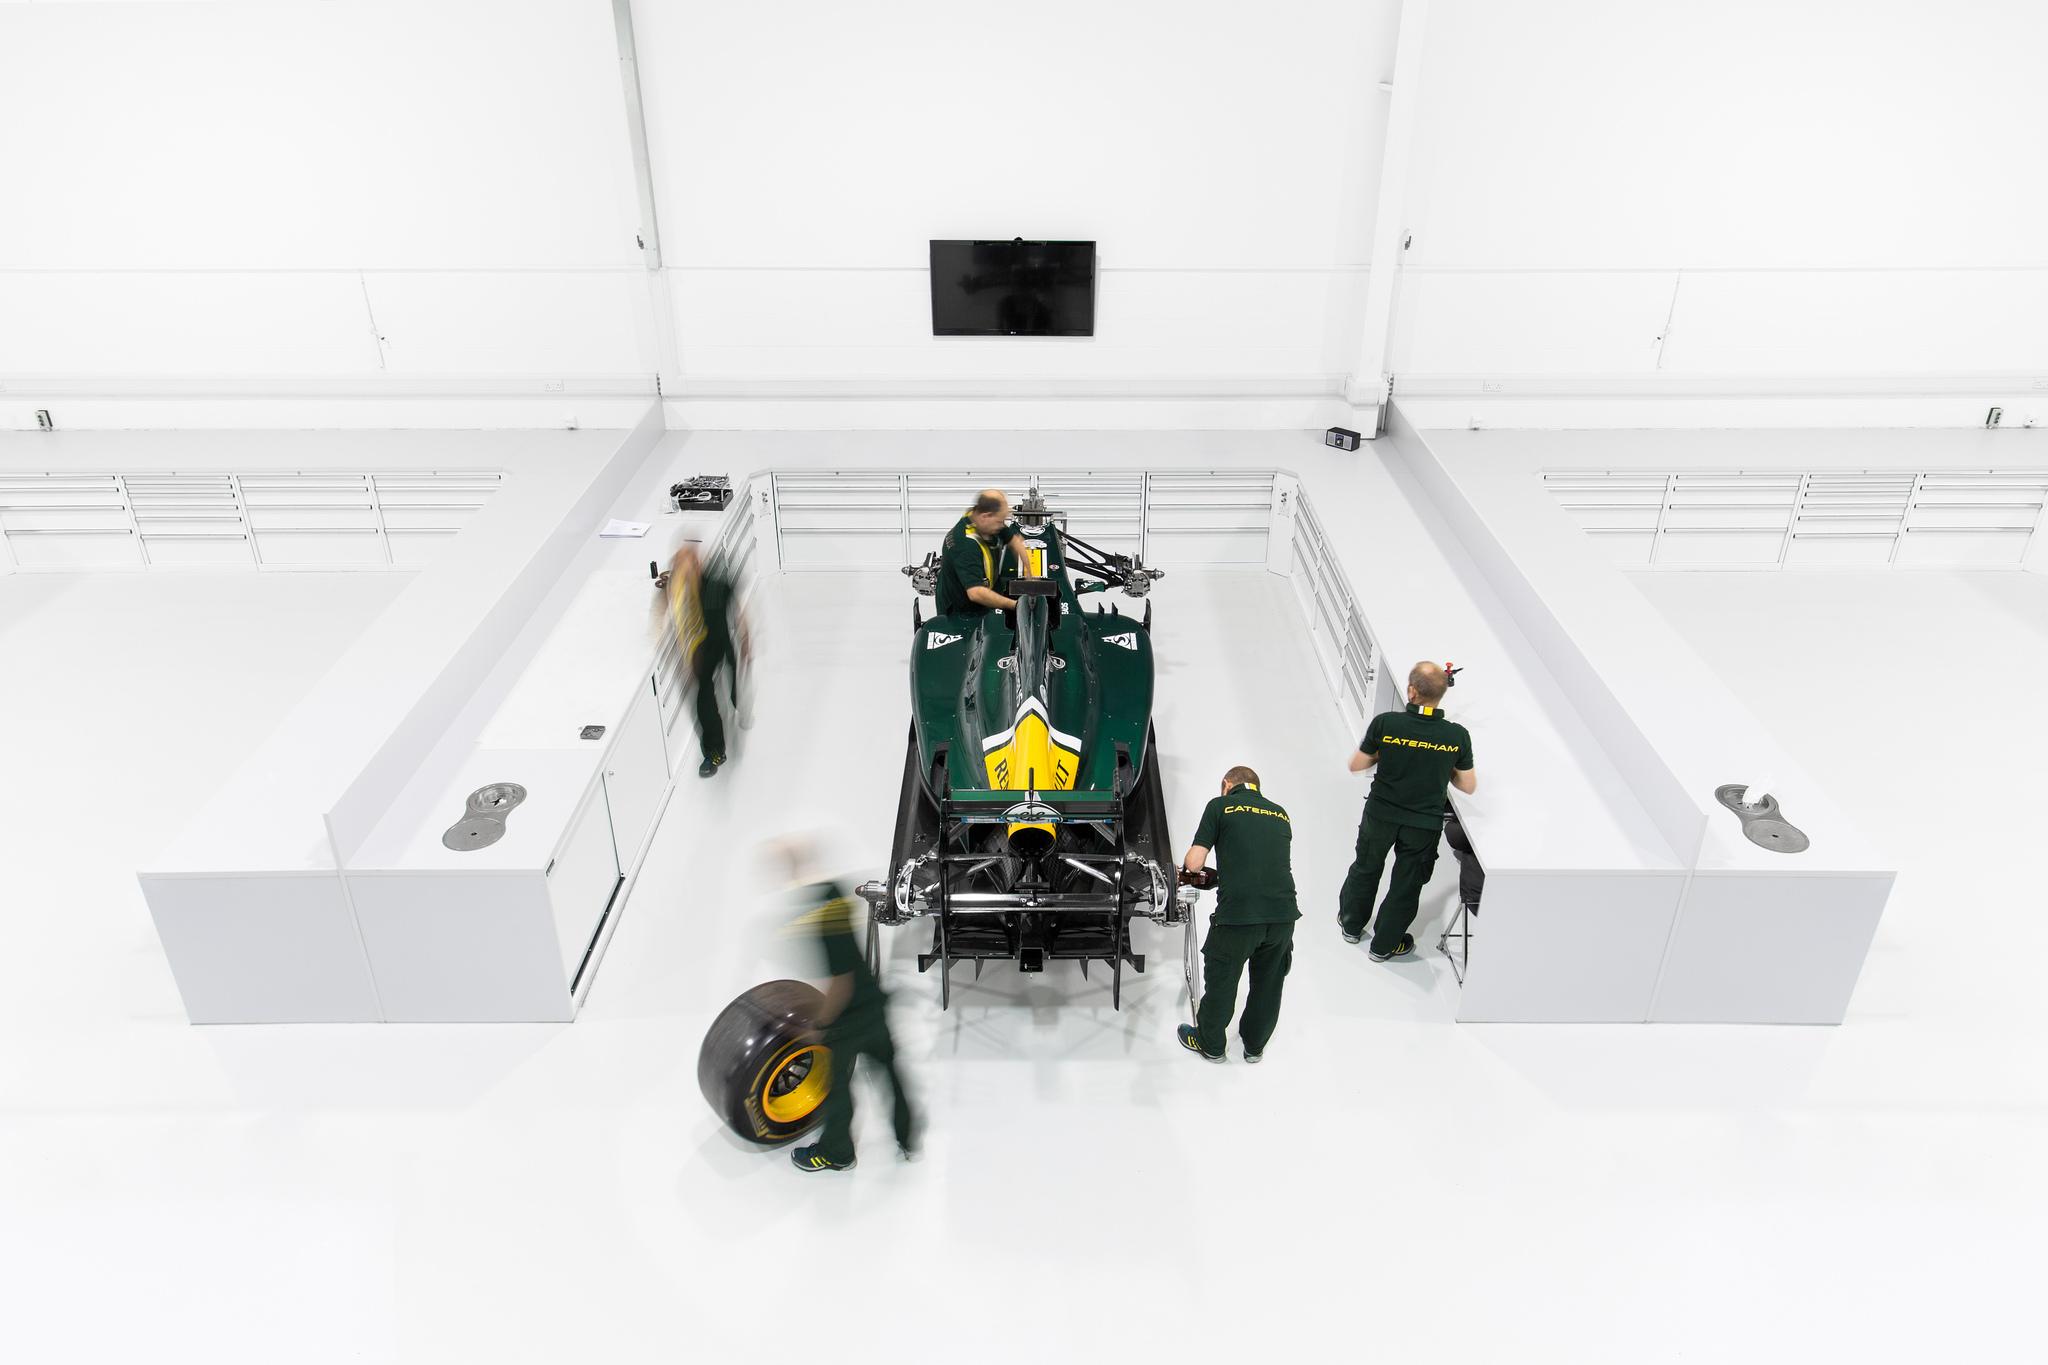 Caterham F1 Factory